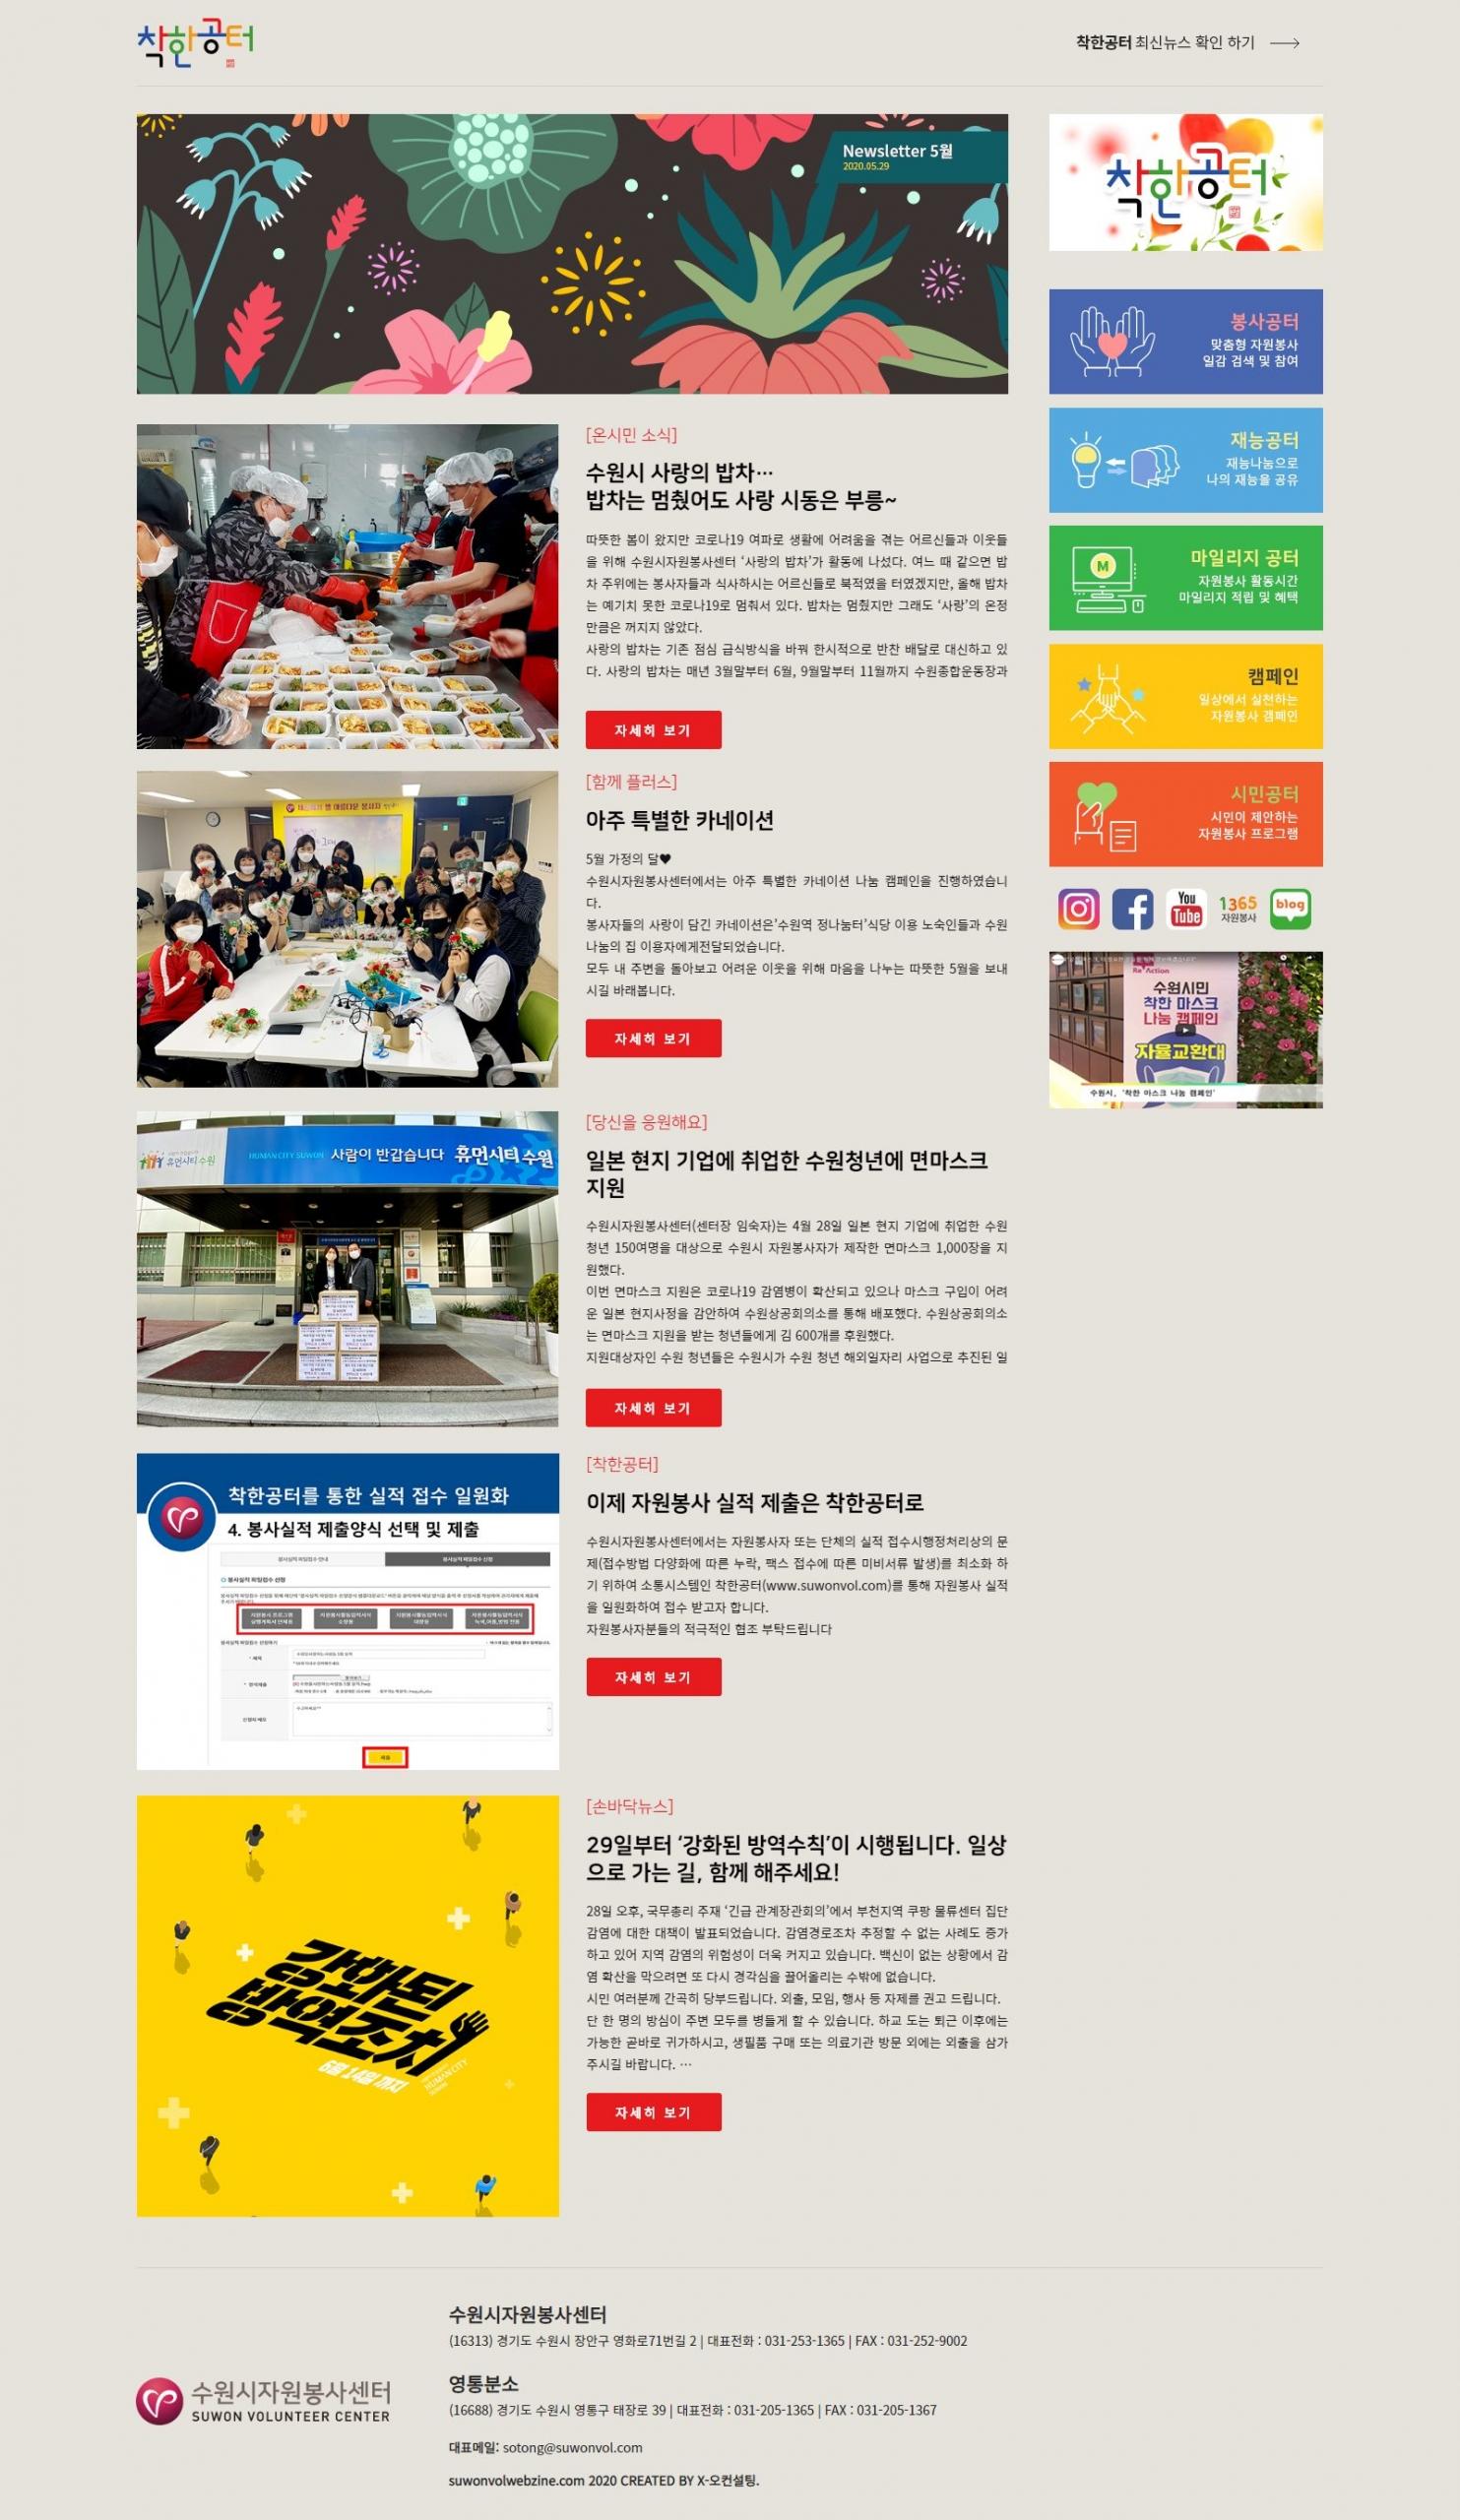 수원시자원봉사센터 착한공터 웹자보